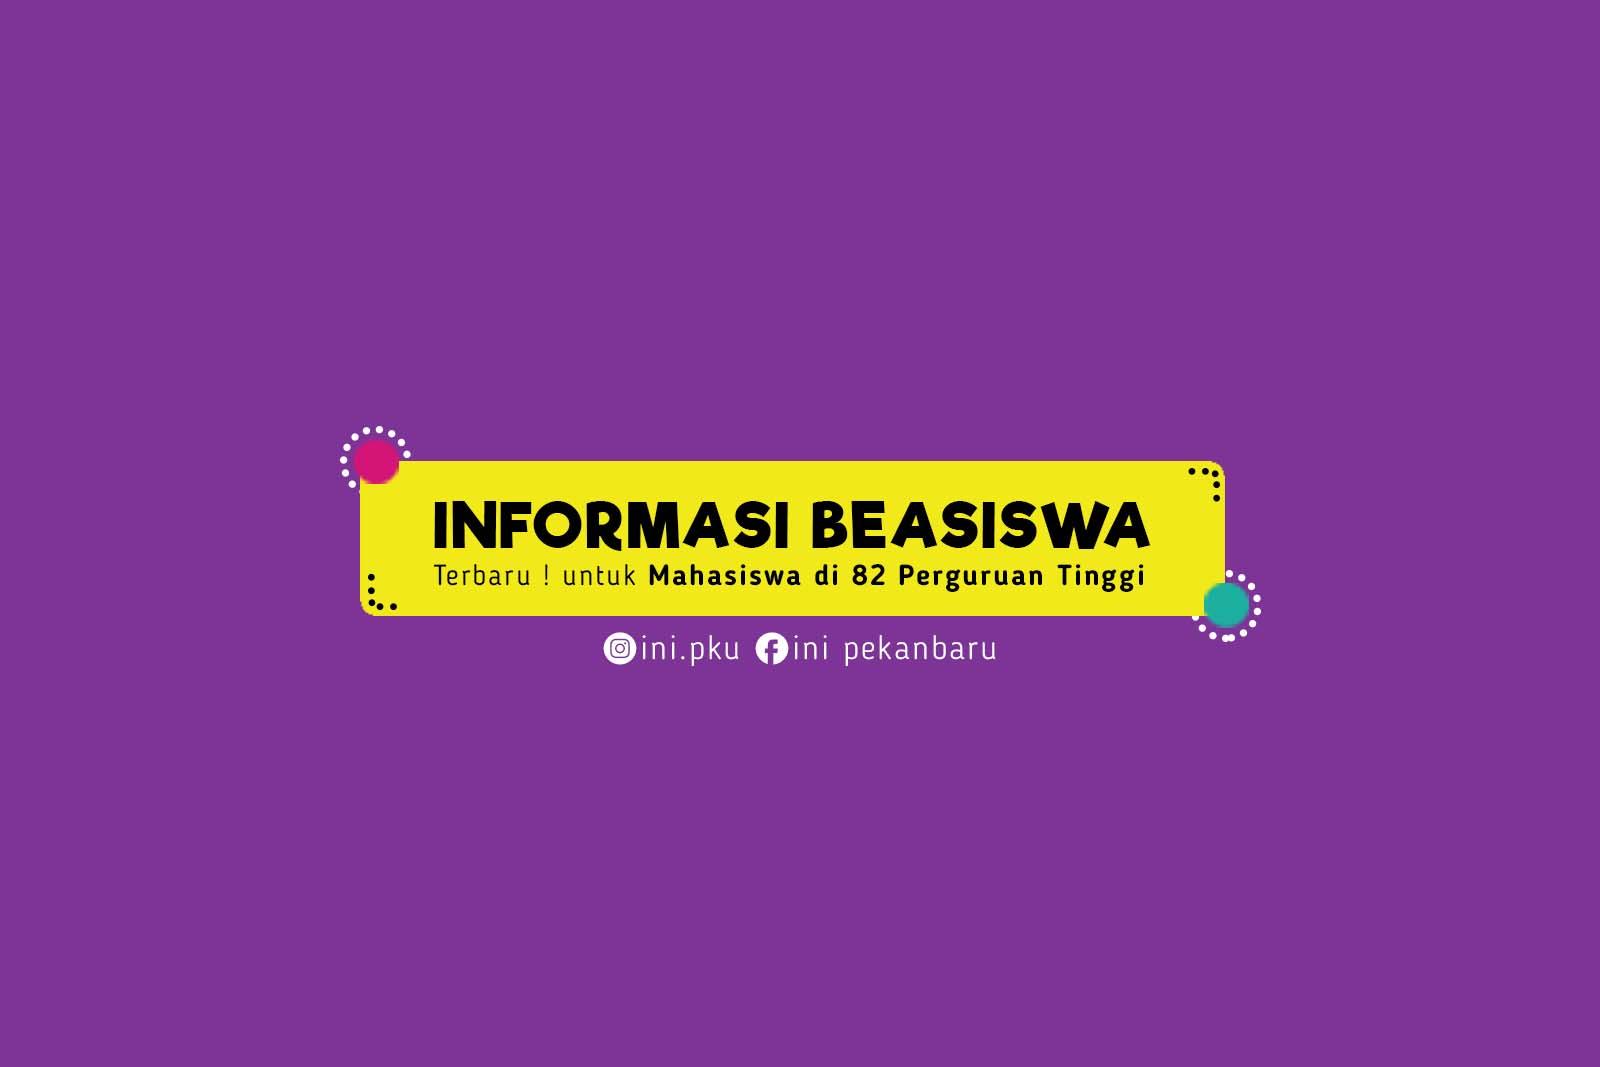 Terbaru ! Informasi Beasiswa untuk Mahasiswa di 82 Perguruan Tinggi Indonesia